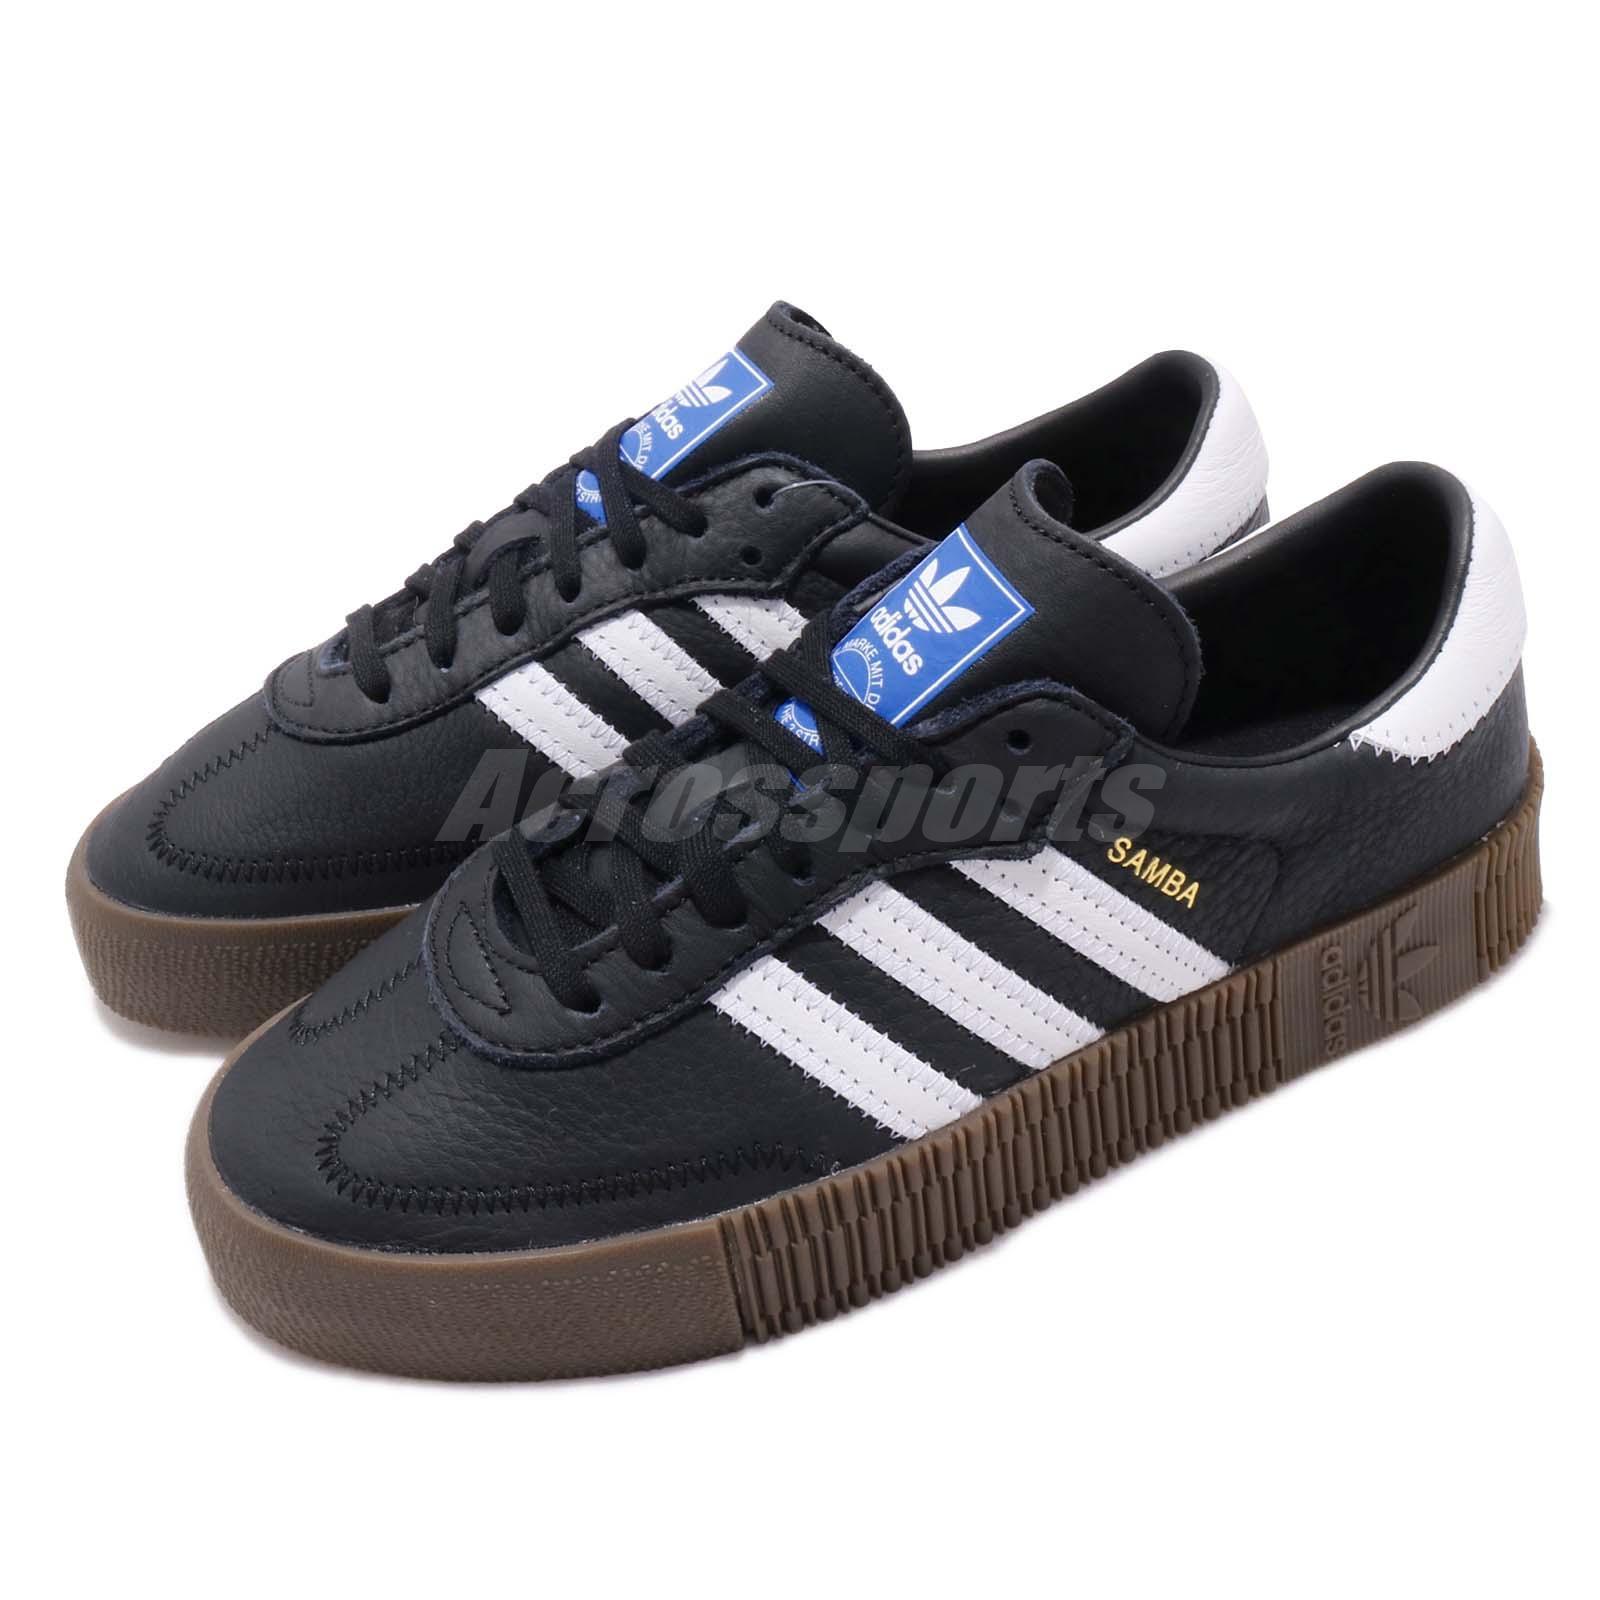 Adidas Sambarose schwarz gum Damen Schuhe B28156